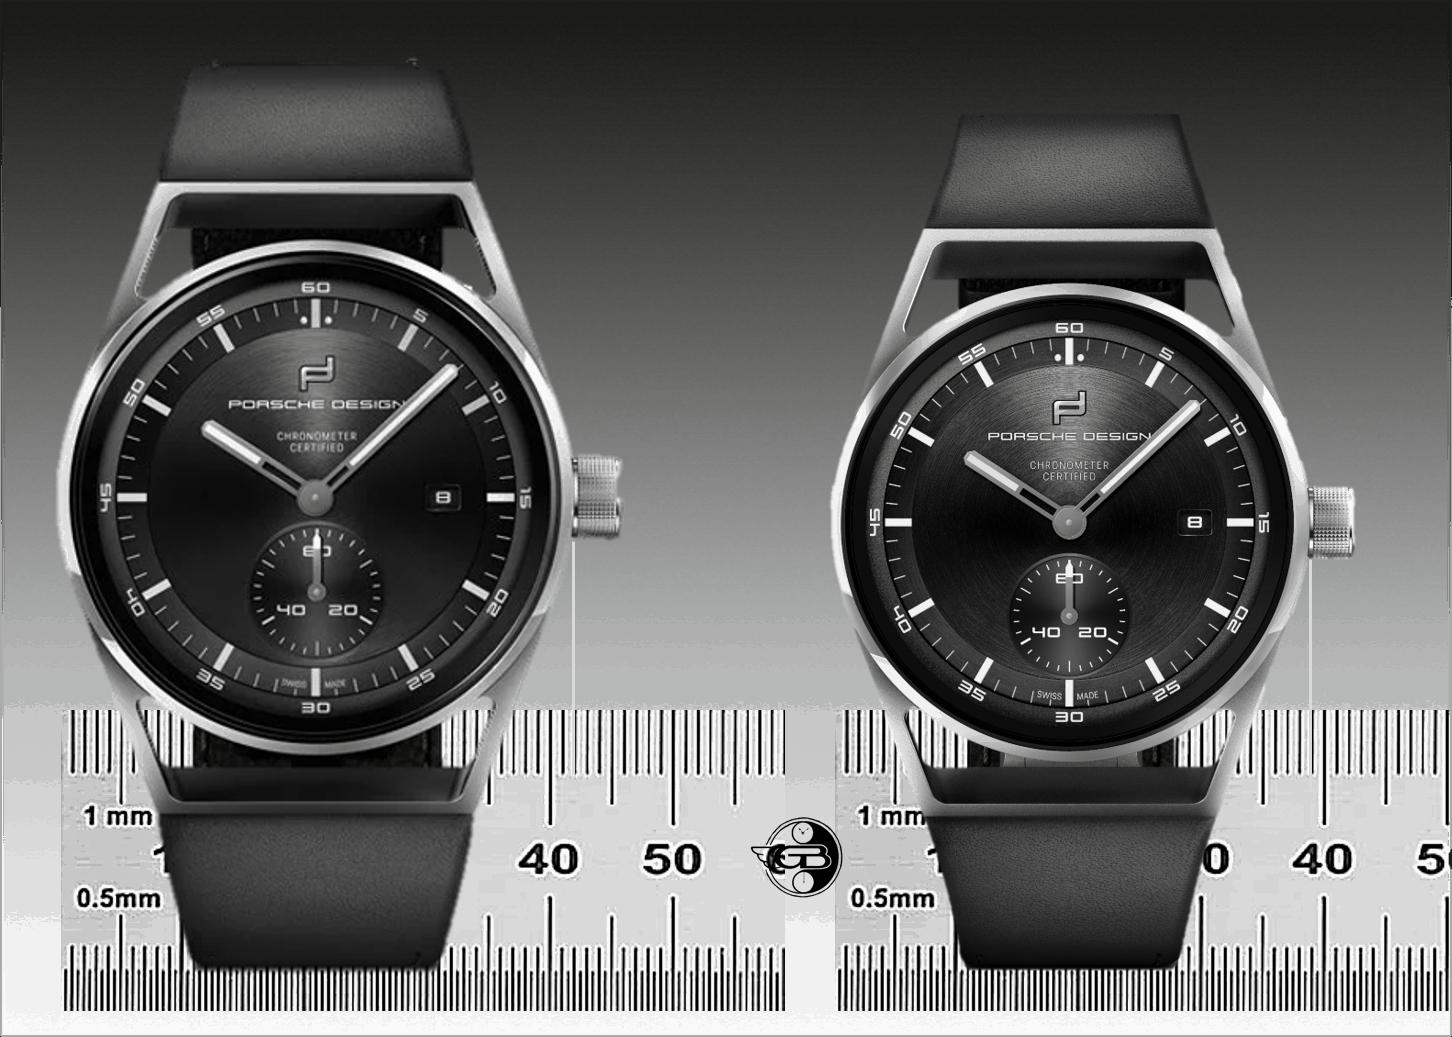 Porsche Design Sport Chrono Subsecond 42 mm und 39 mm C GLB Uhrenkosmos